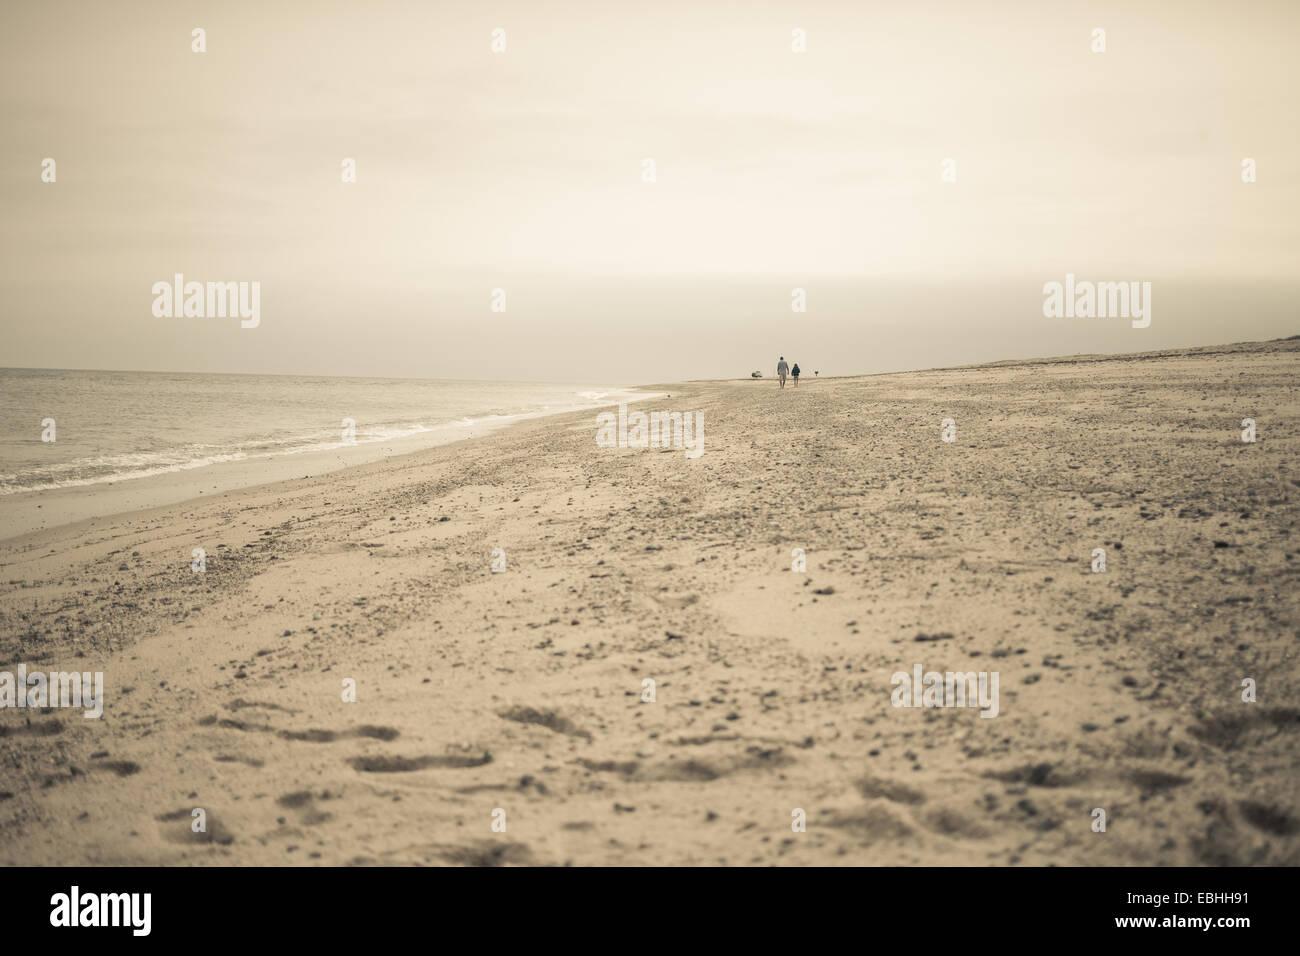 Vue éloignée sur deux personnes se promener sur la plage, Truro, Massachusetts, Cape Cod, USA Photo Stock